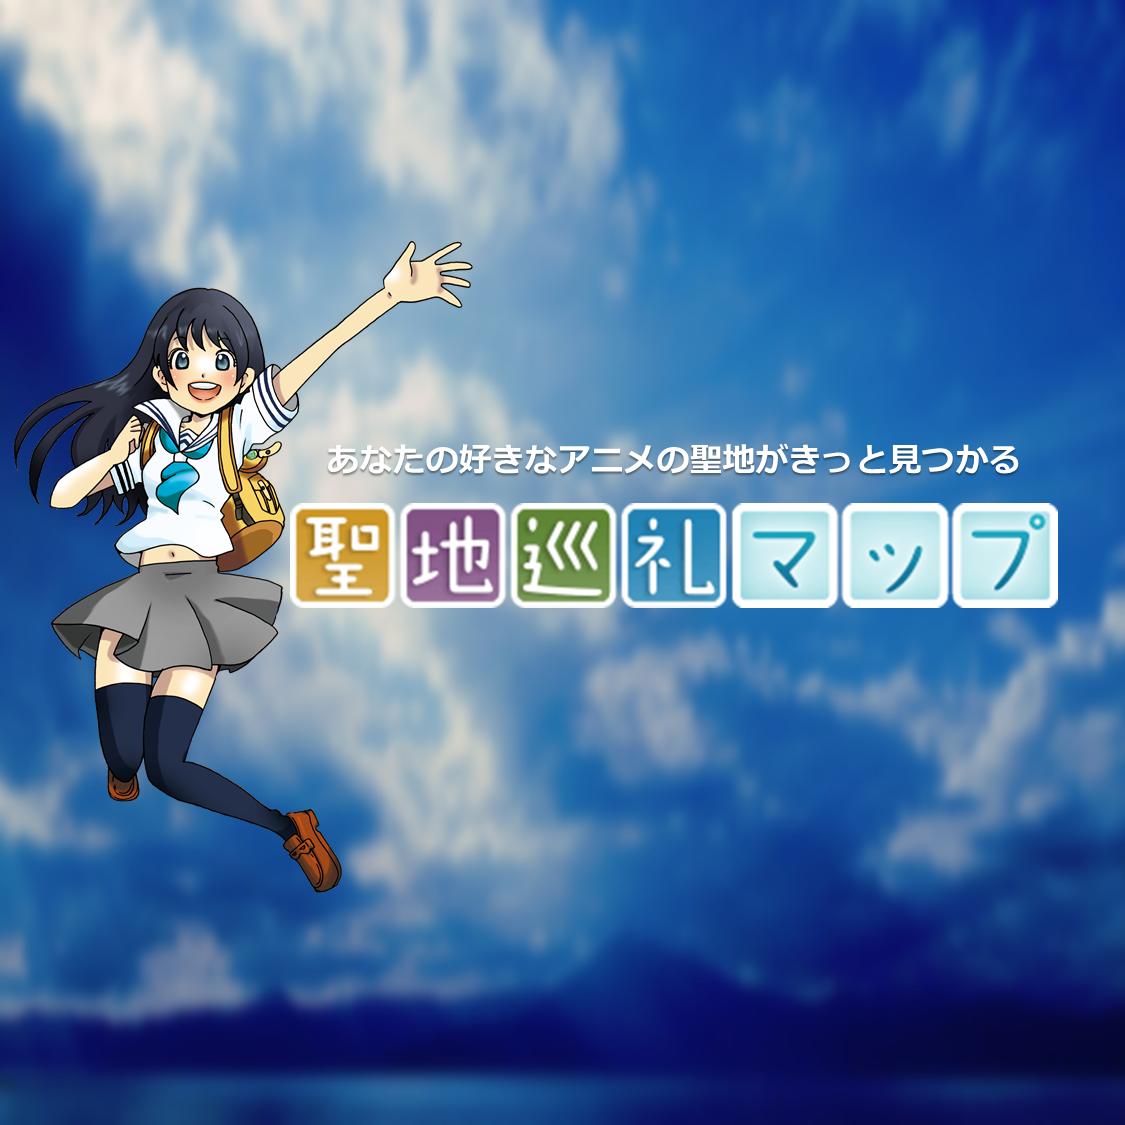 アニメ聖地をカンタン検索「聖地巡礼マップ」